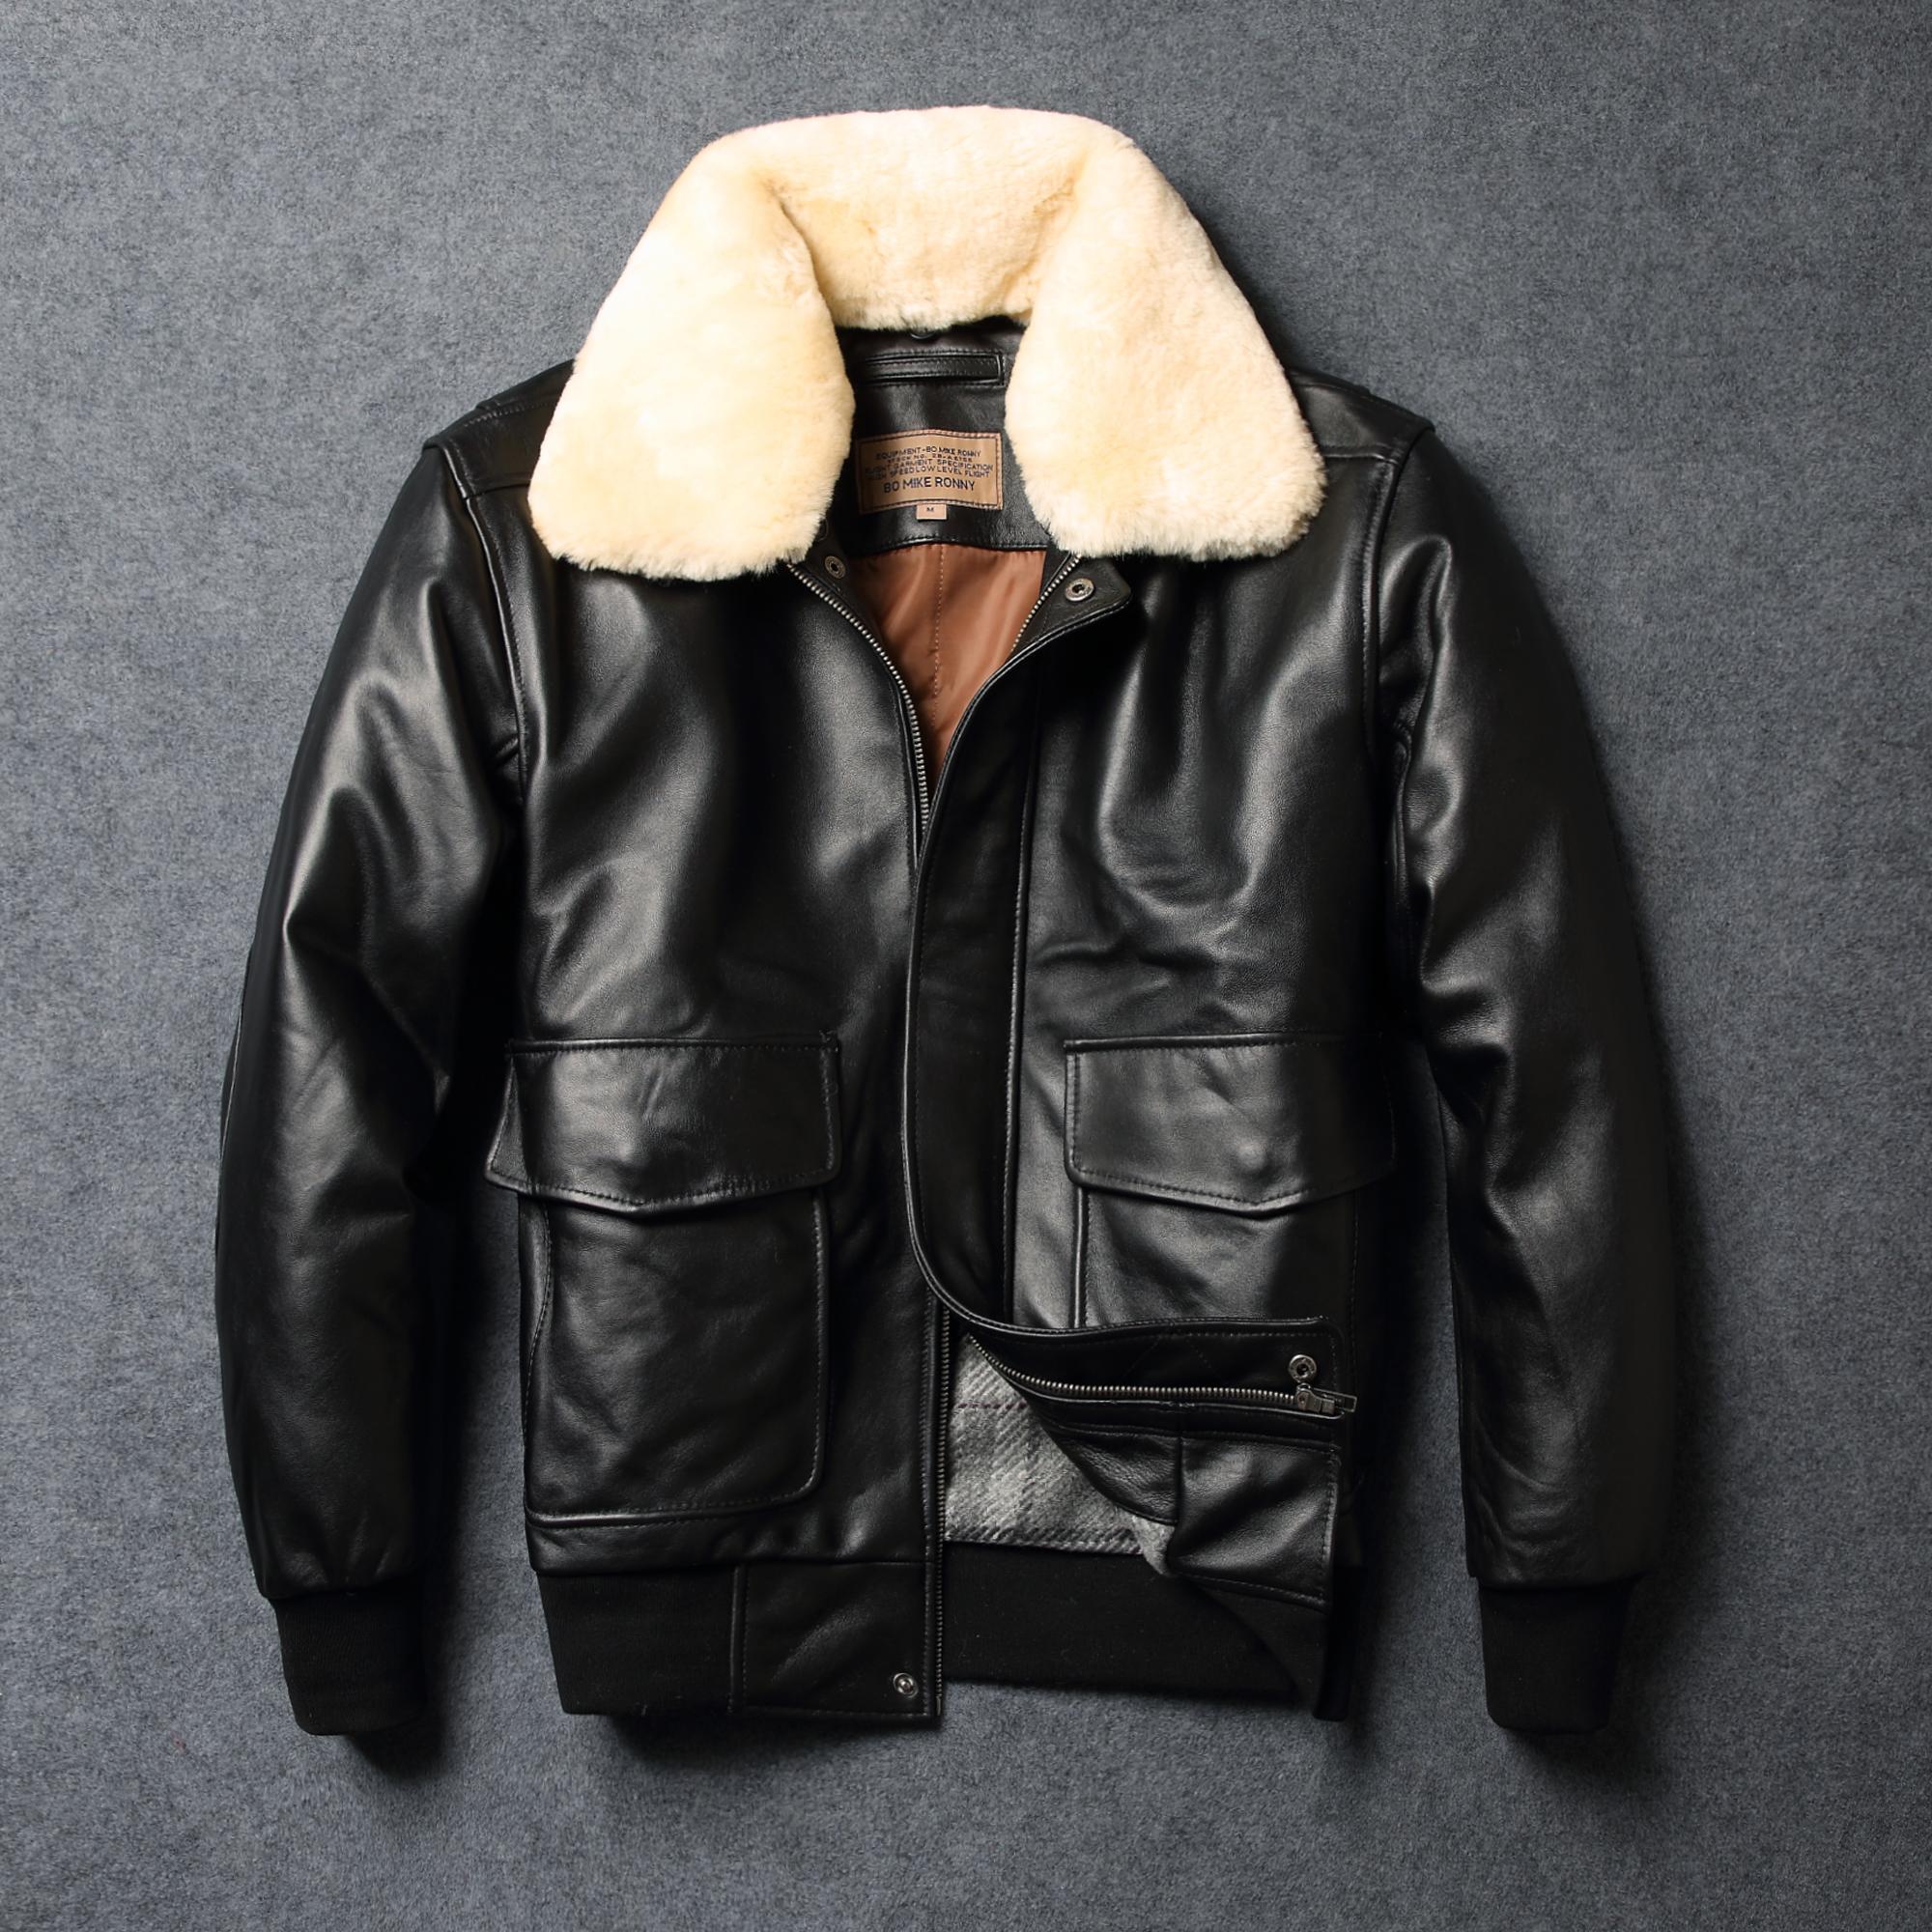 秋冬款真皮皮衣男休闲羊毛领真皮飞行服绵羊皮真皮夹克夹棉皮外套